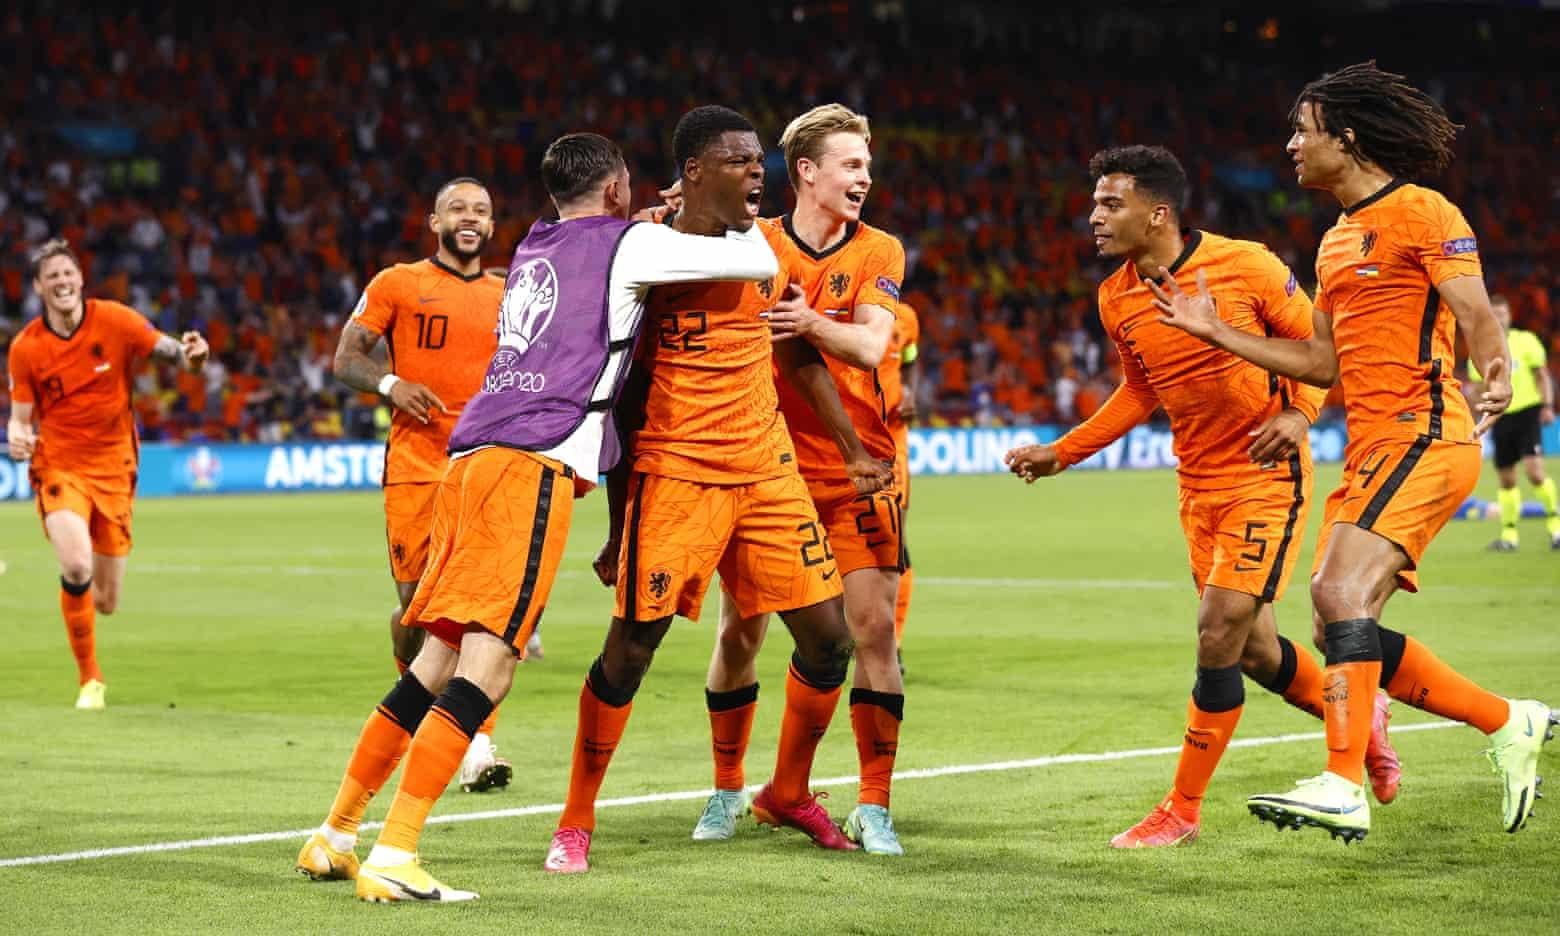 Pemain Belanda itu memberi selamat kepada Dumfries (No. 22) setelah mencetak kemenangan 3-2.  Foto: EPA